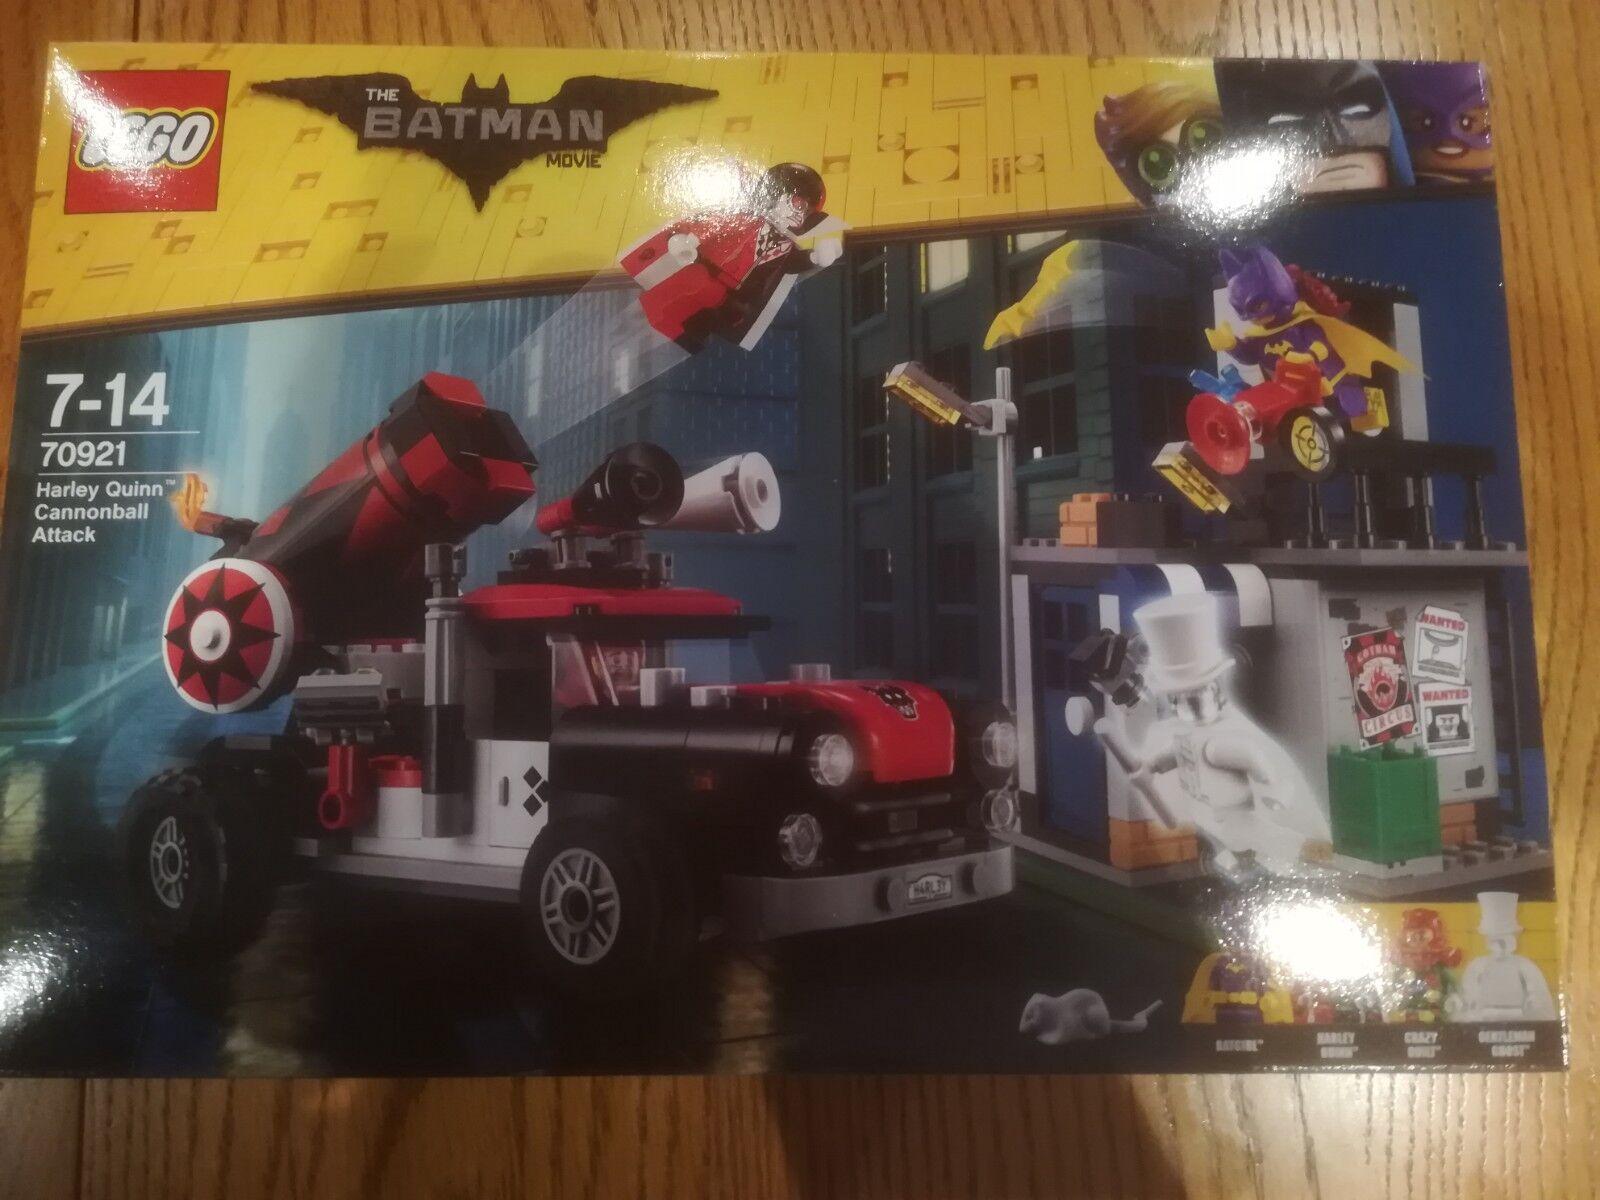 migliore vendita LEGO BATuomo BATuomo BATuomo (Harley Quinn CANNONBtutti ATTACCO 2018)  consegna diretta e rapida in fabbrica